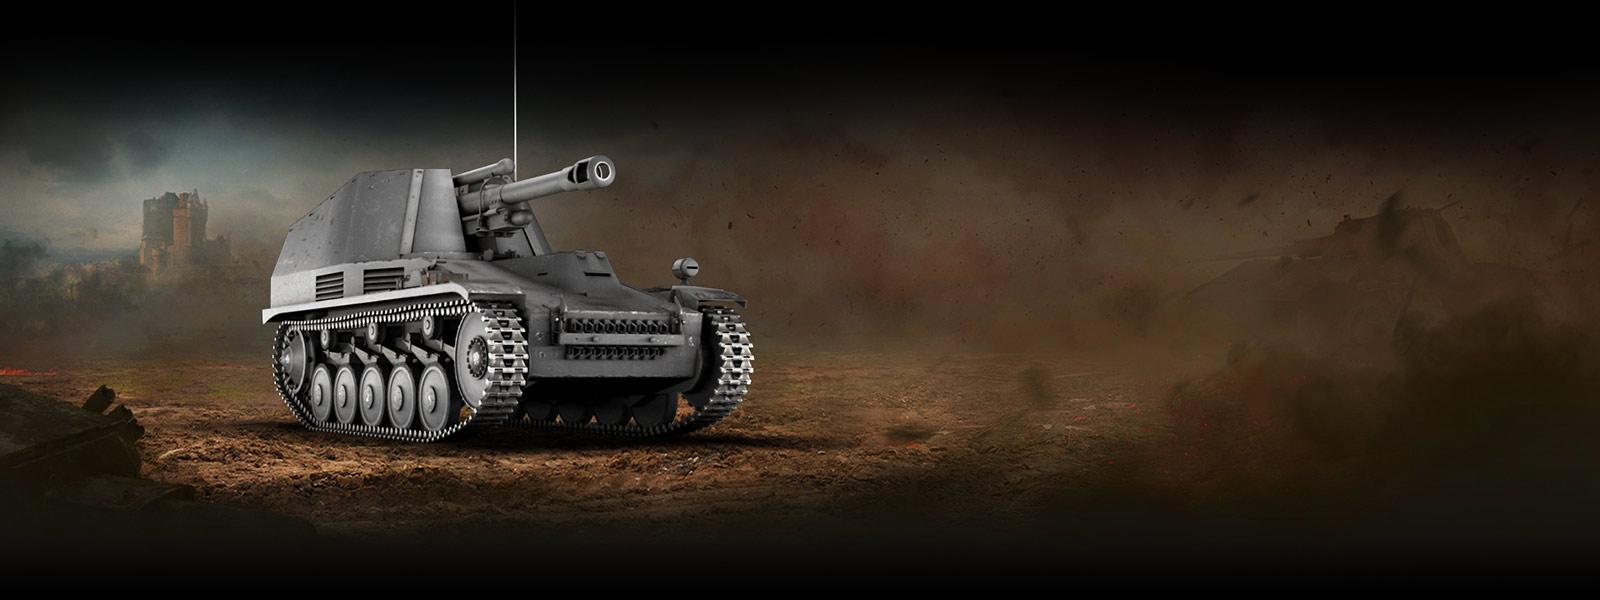 Panzer der Artillerie-Klasse